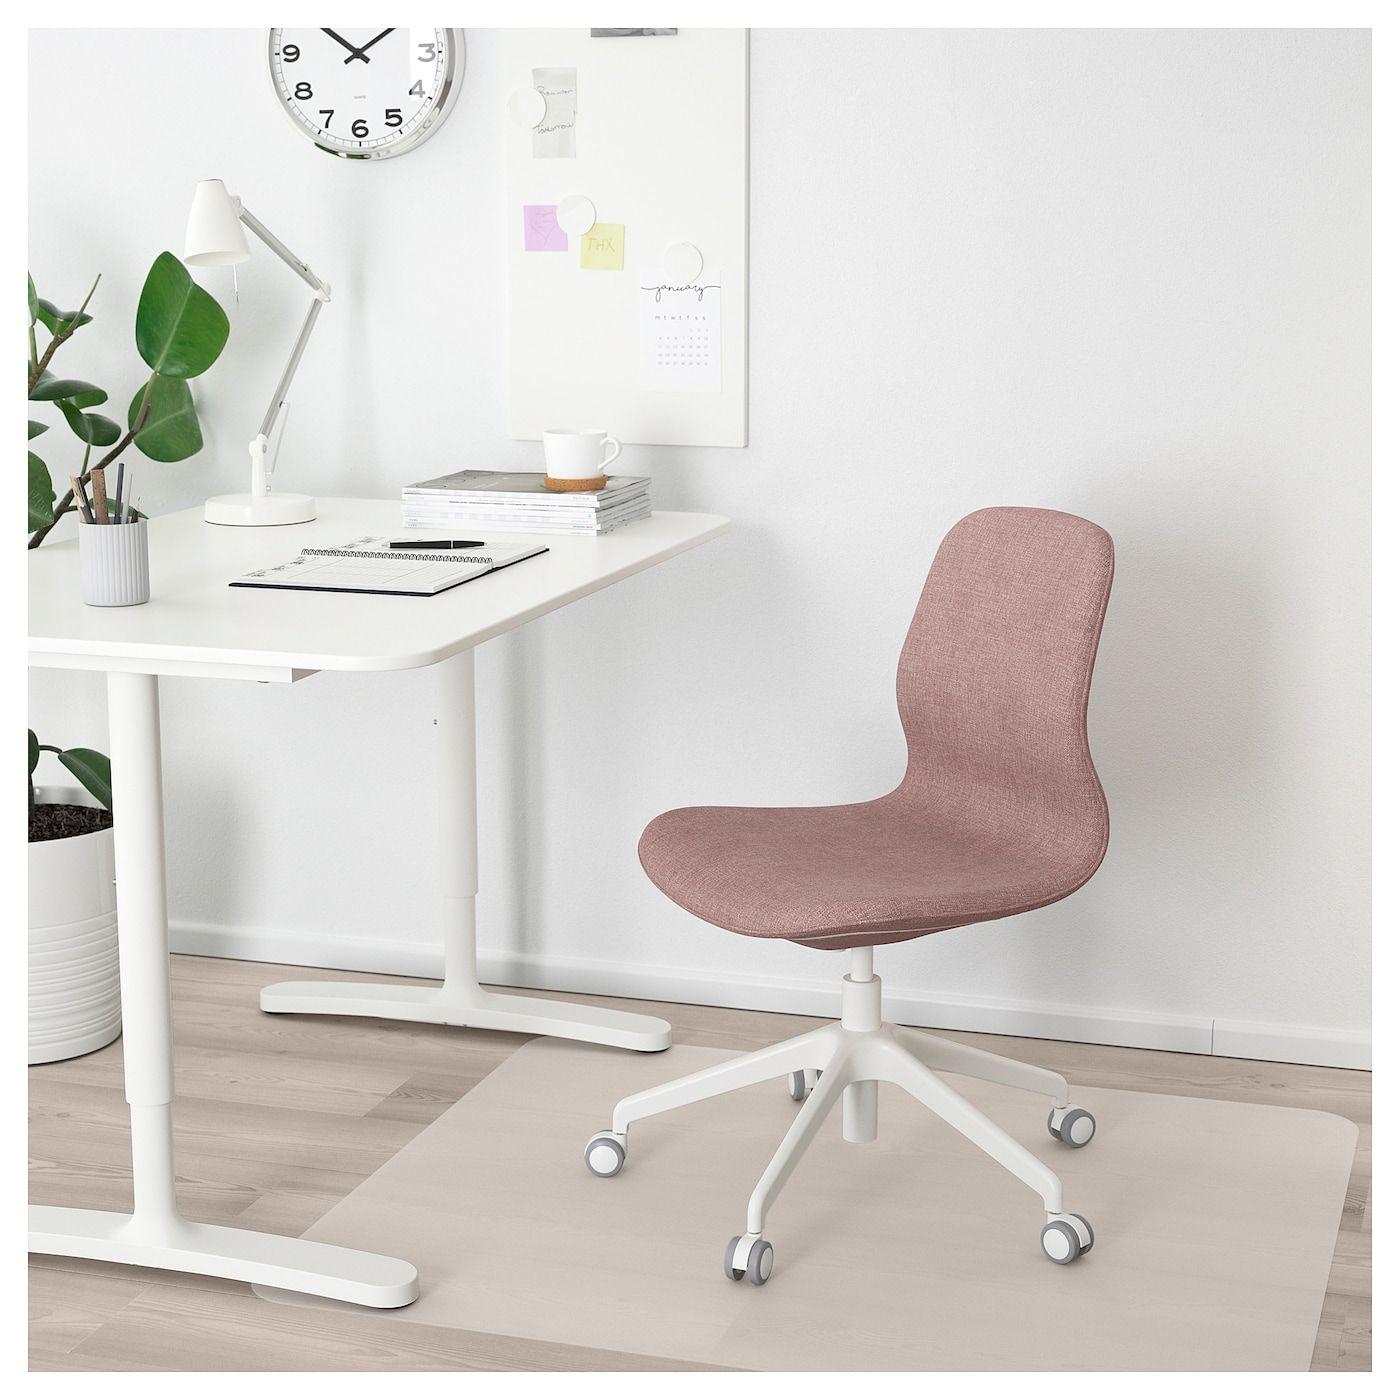 LÅNGFJÄLL Kontorsstol Gunnared ljus brunrosa, vit | Ikea